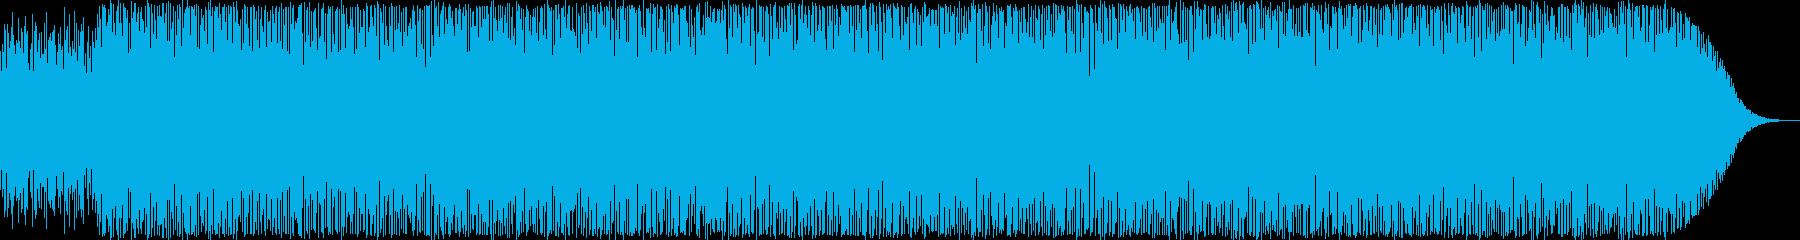 ジャズ・ソウルテイストのハウス・EDMの再生済みの波形